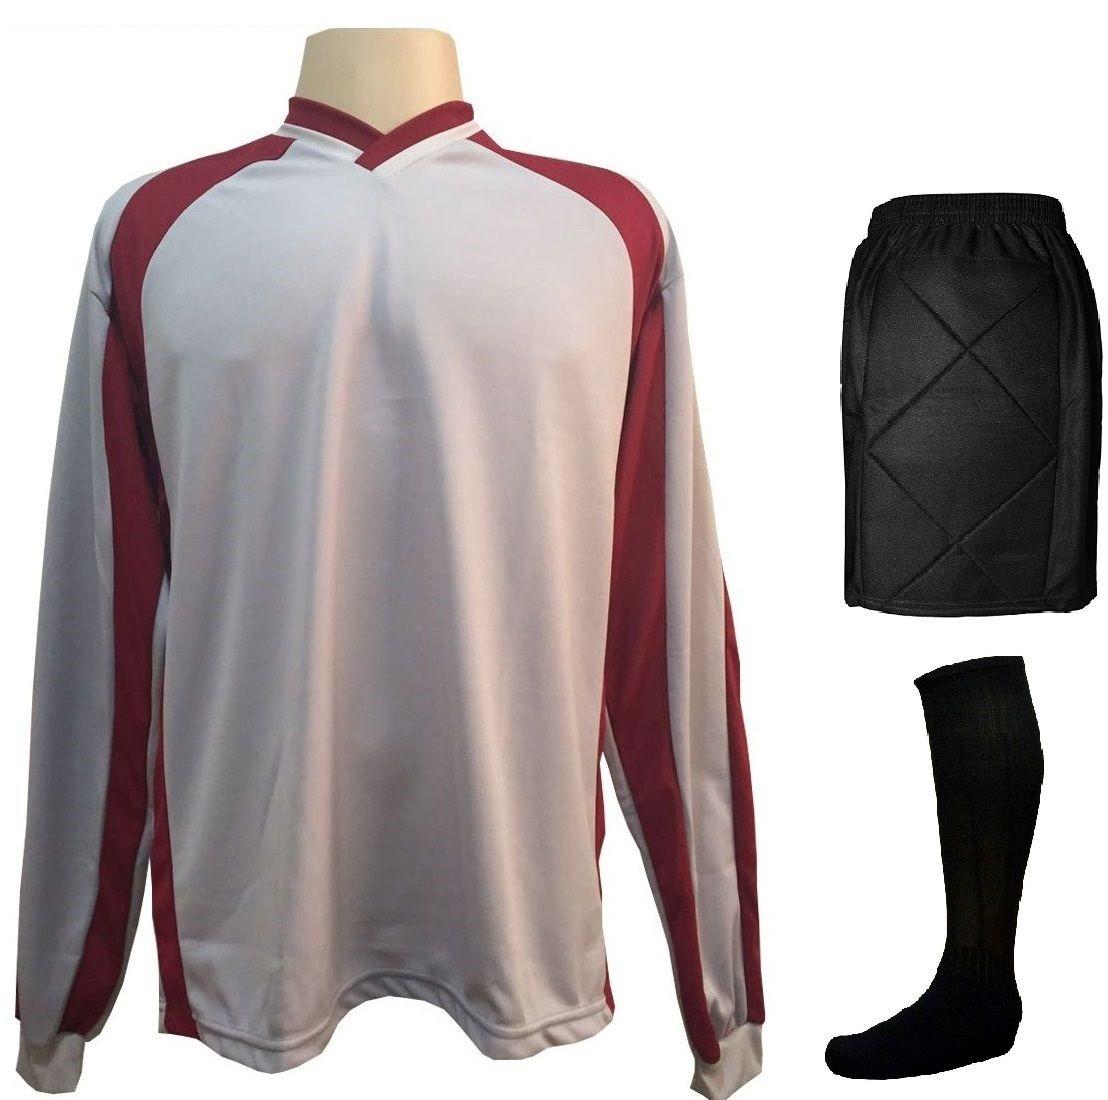 Fardamento Completo modelo City 12+1 (12 Camisas Vermelho/Branco + 12 Calções Madrid Branco + 12 Pares de Meiões Vermelhos + 1 Conjunto de Goleiro) + Brindes